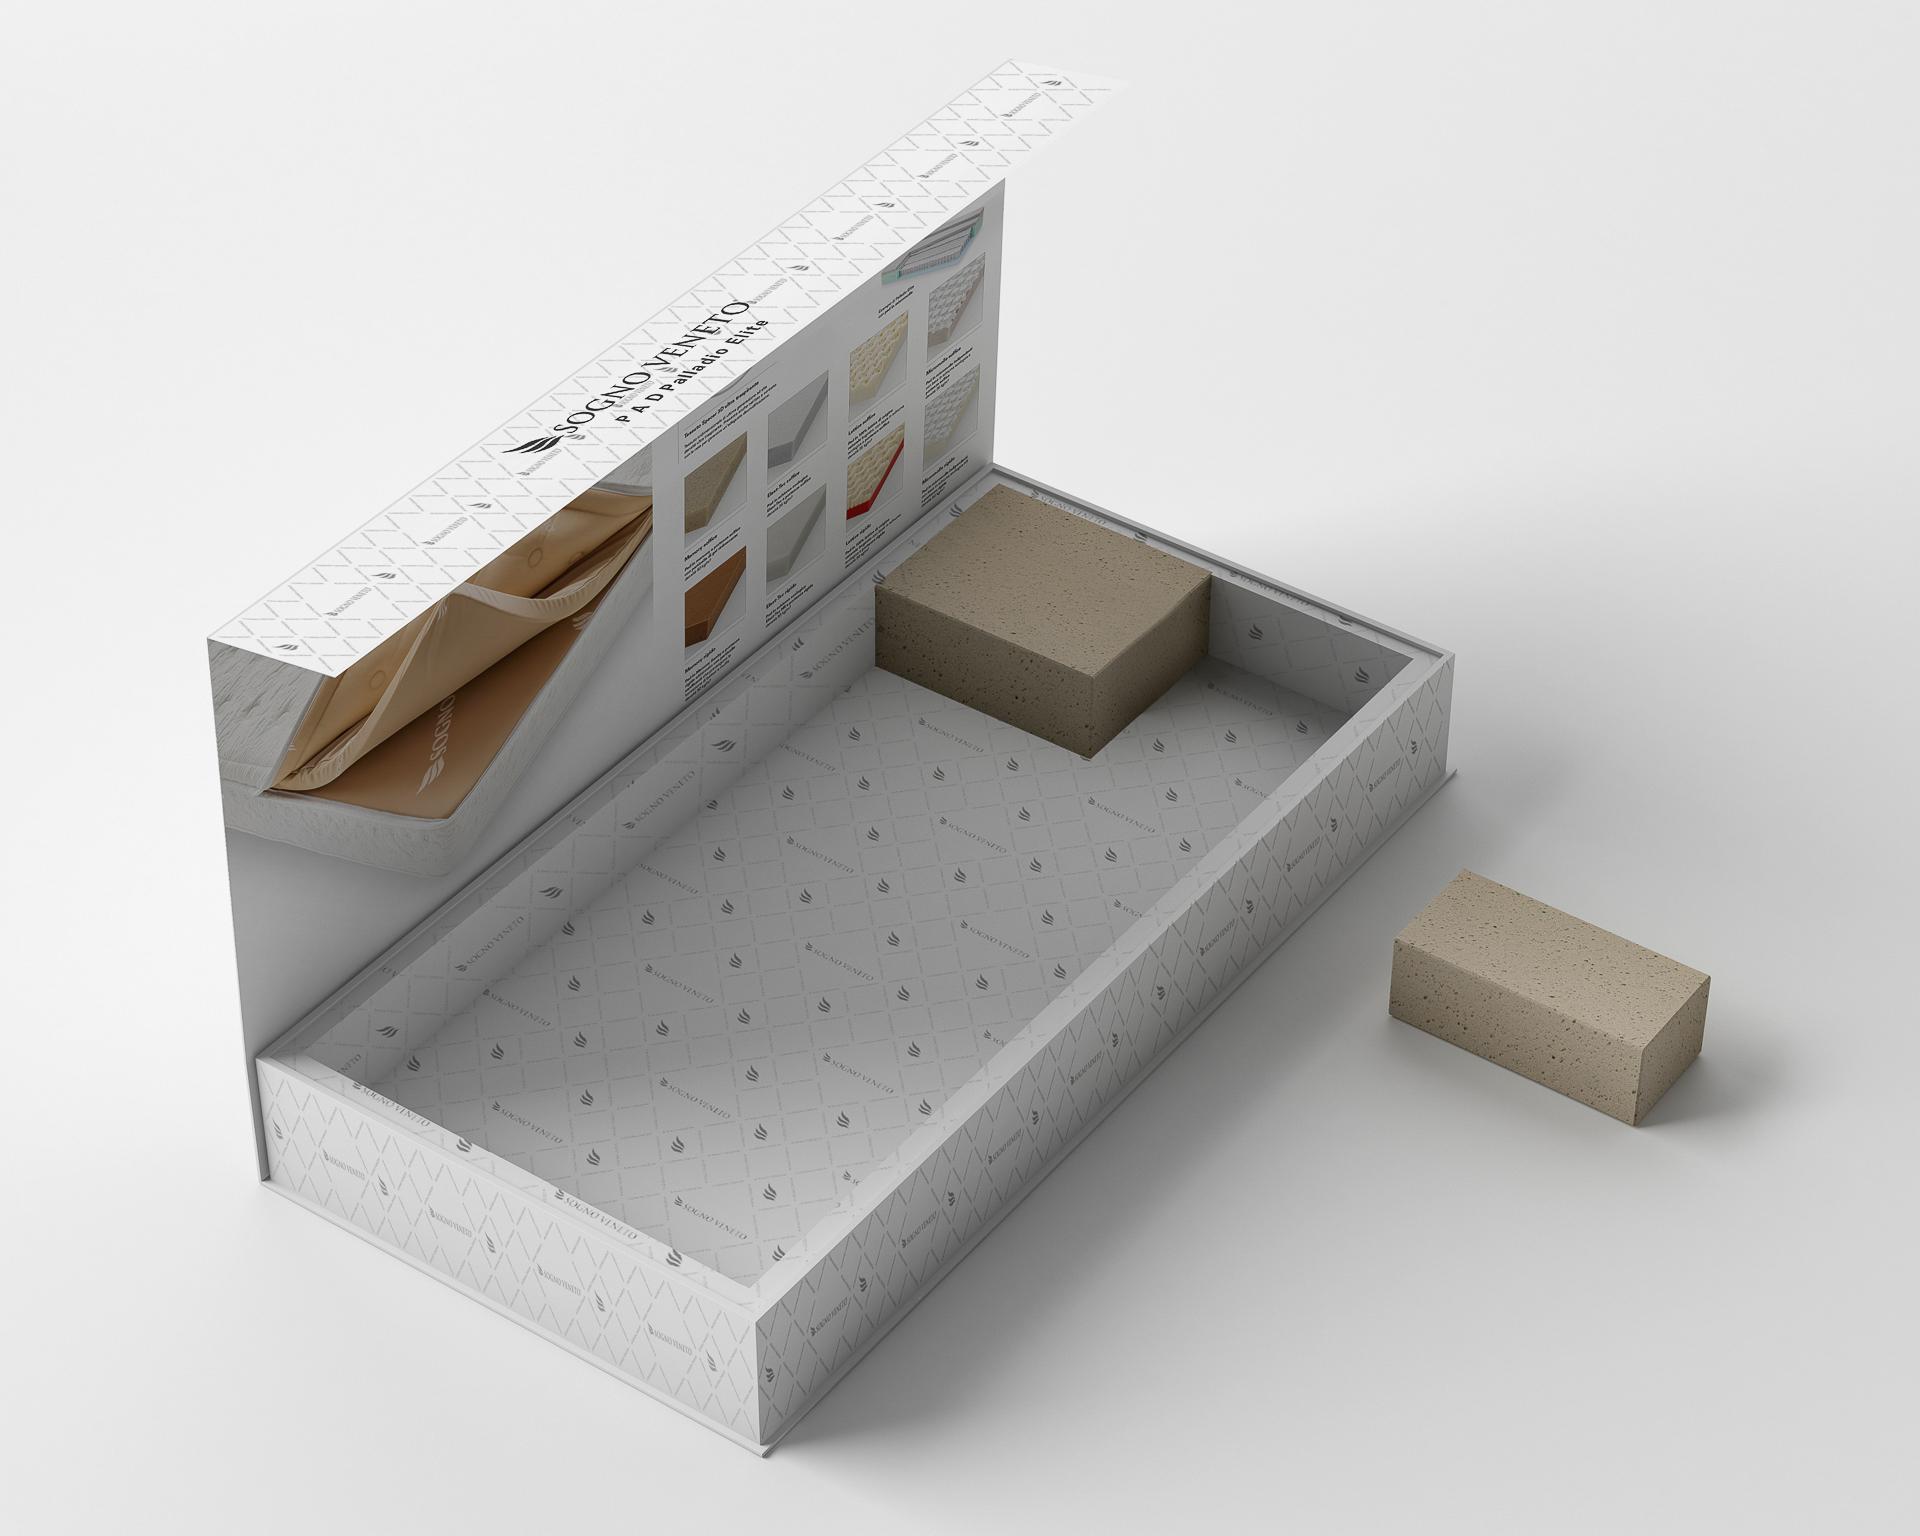 Sognoveneto box open